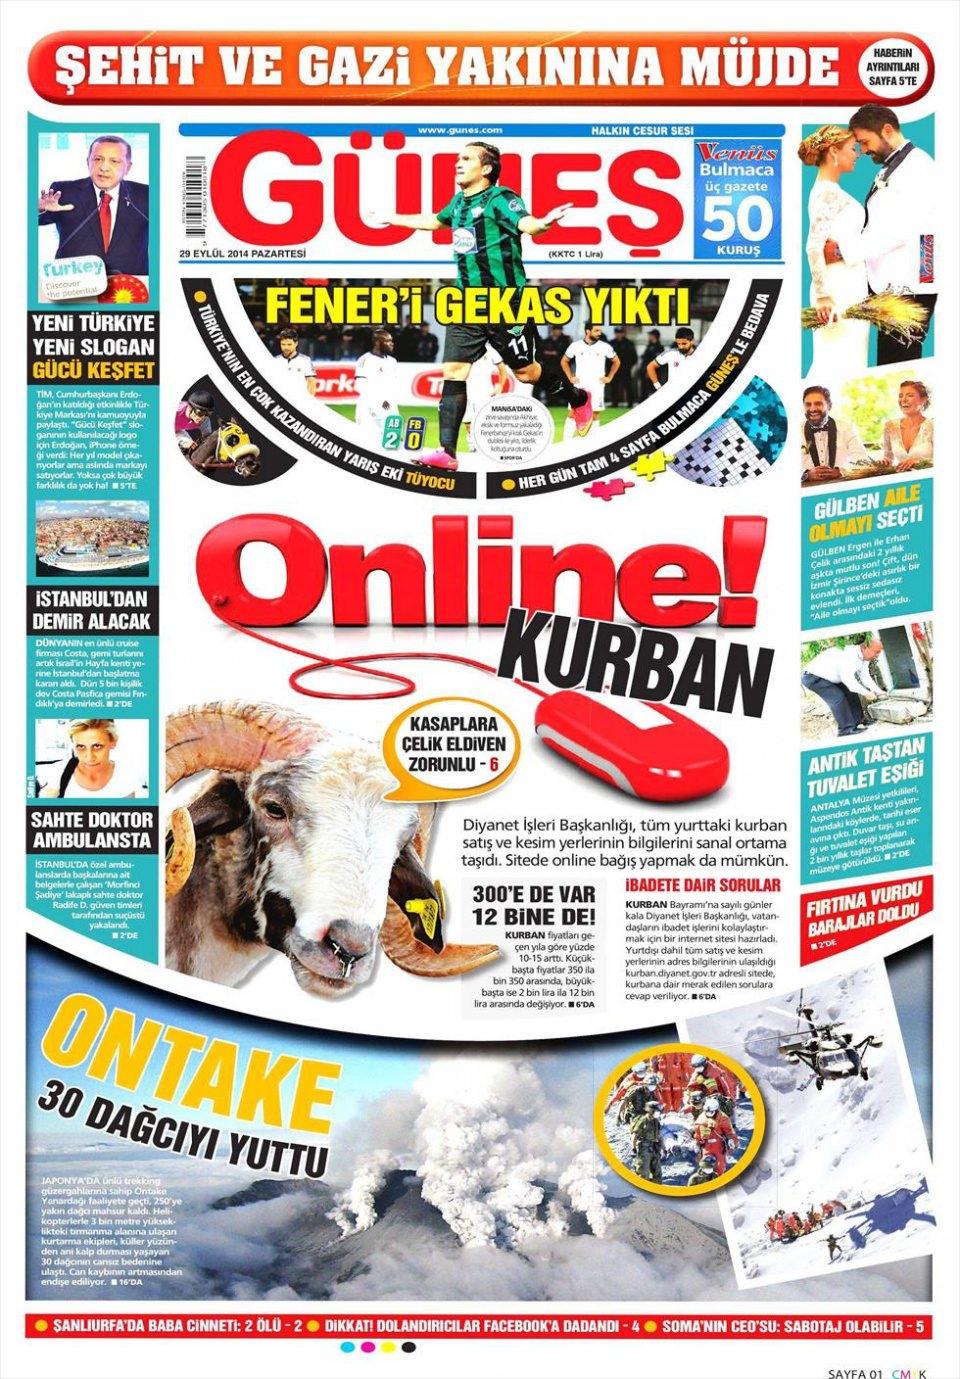 29 Eylül 2014 gazete manşetleri 9